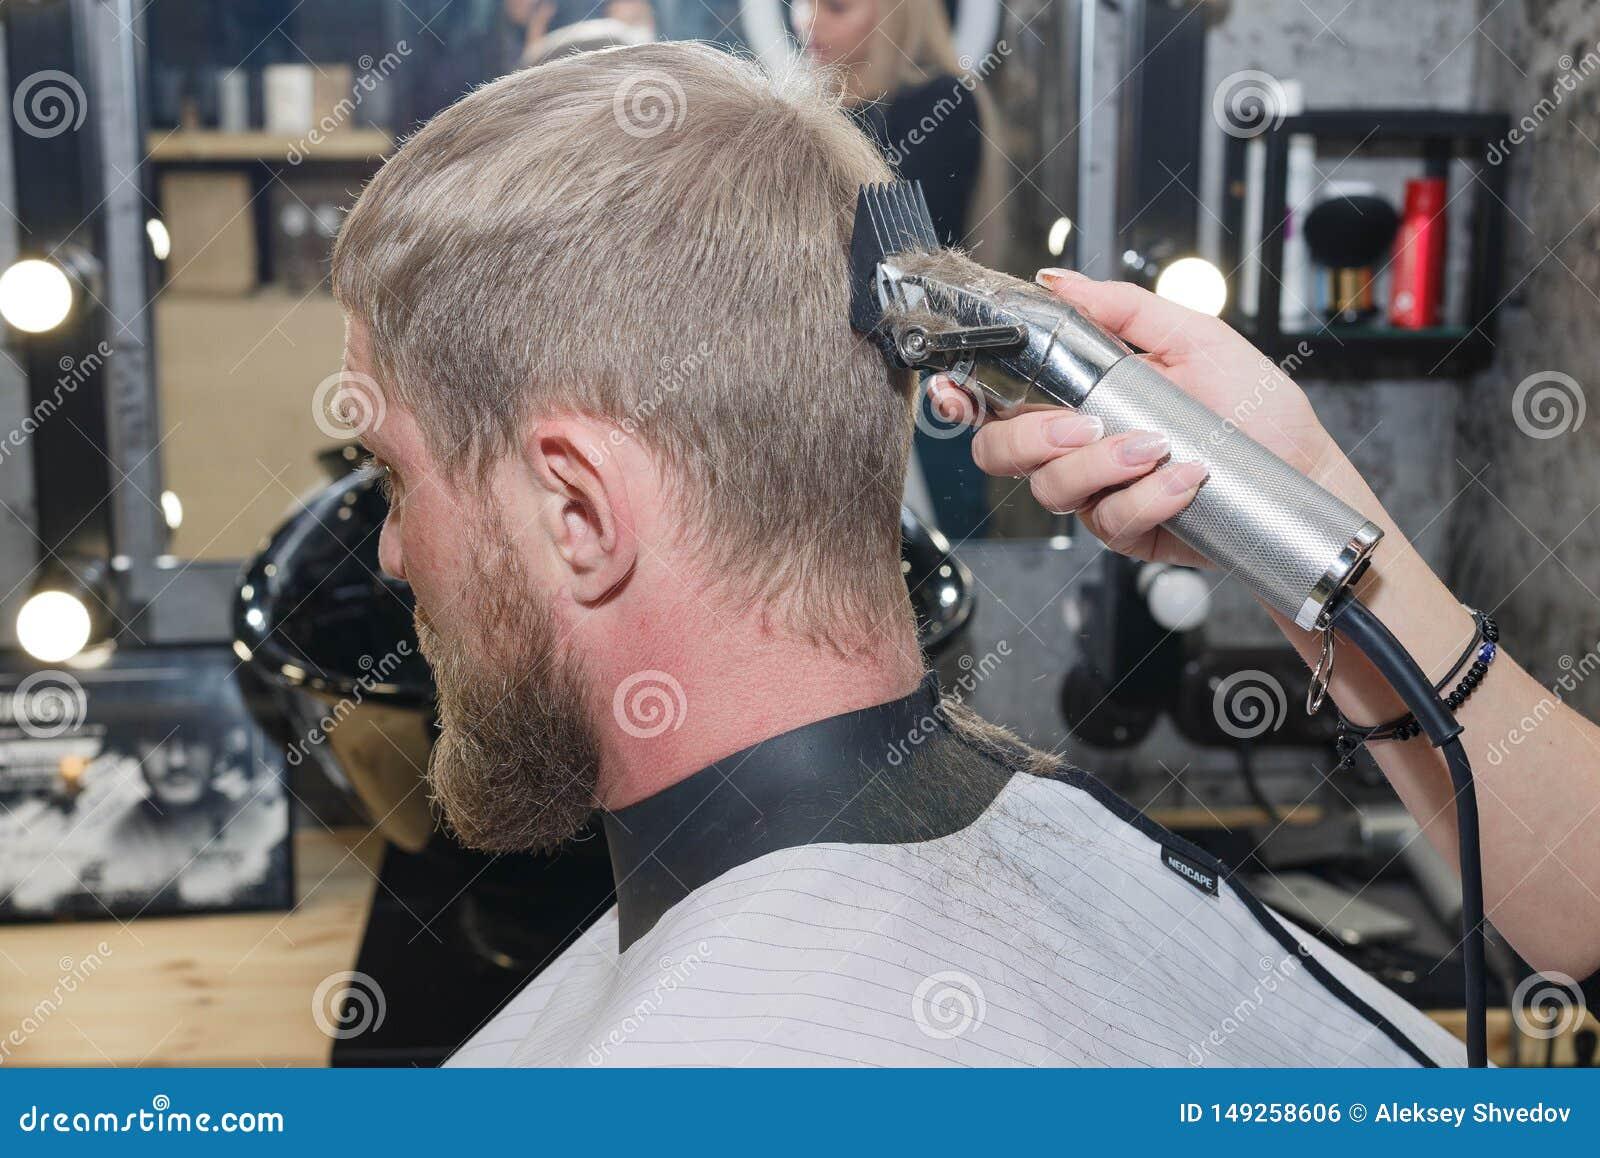 Barber Hair Cutting Machine. The Master Provides A Haircut ...